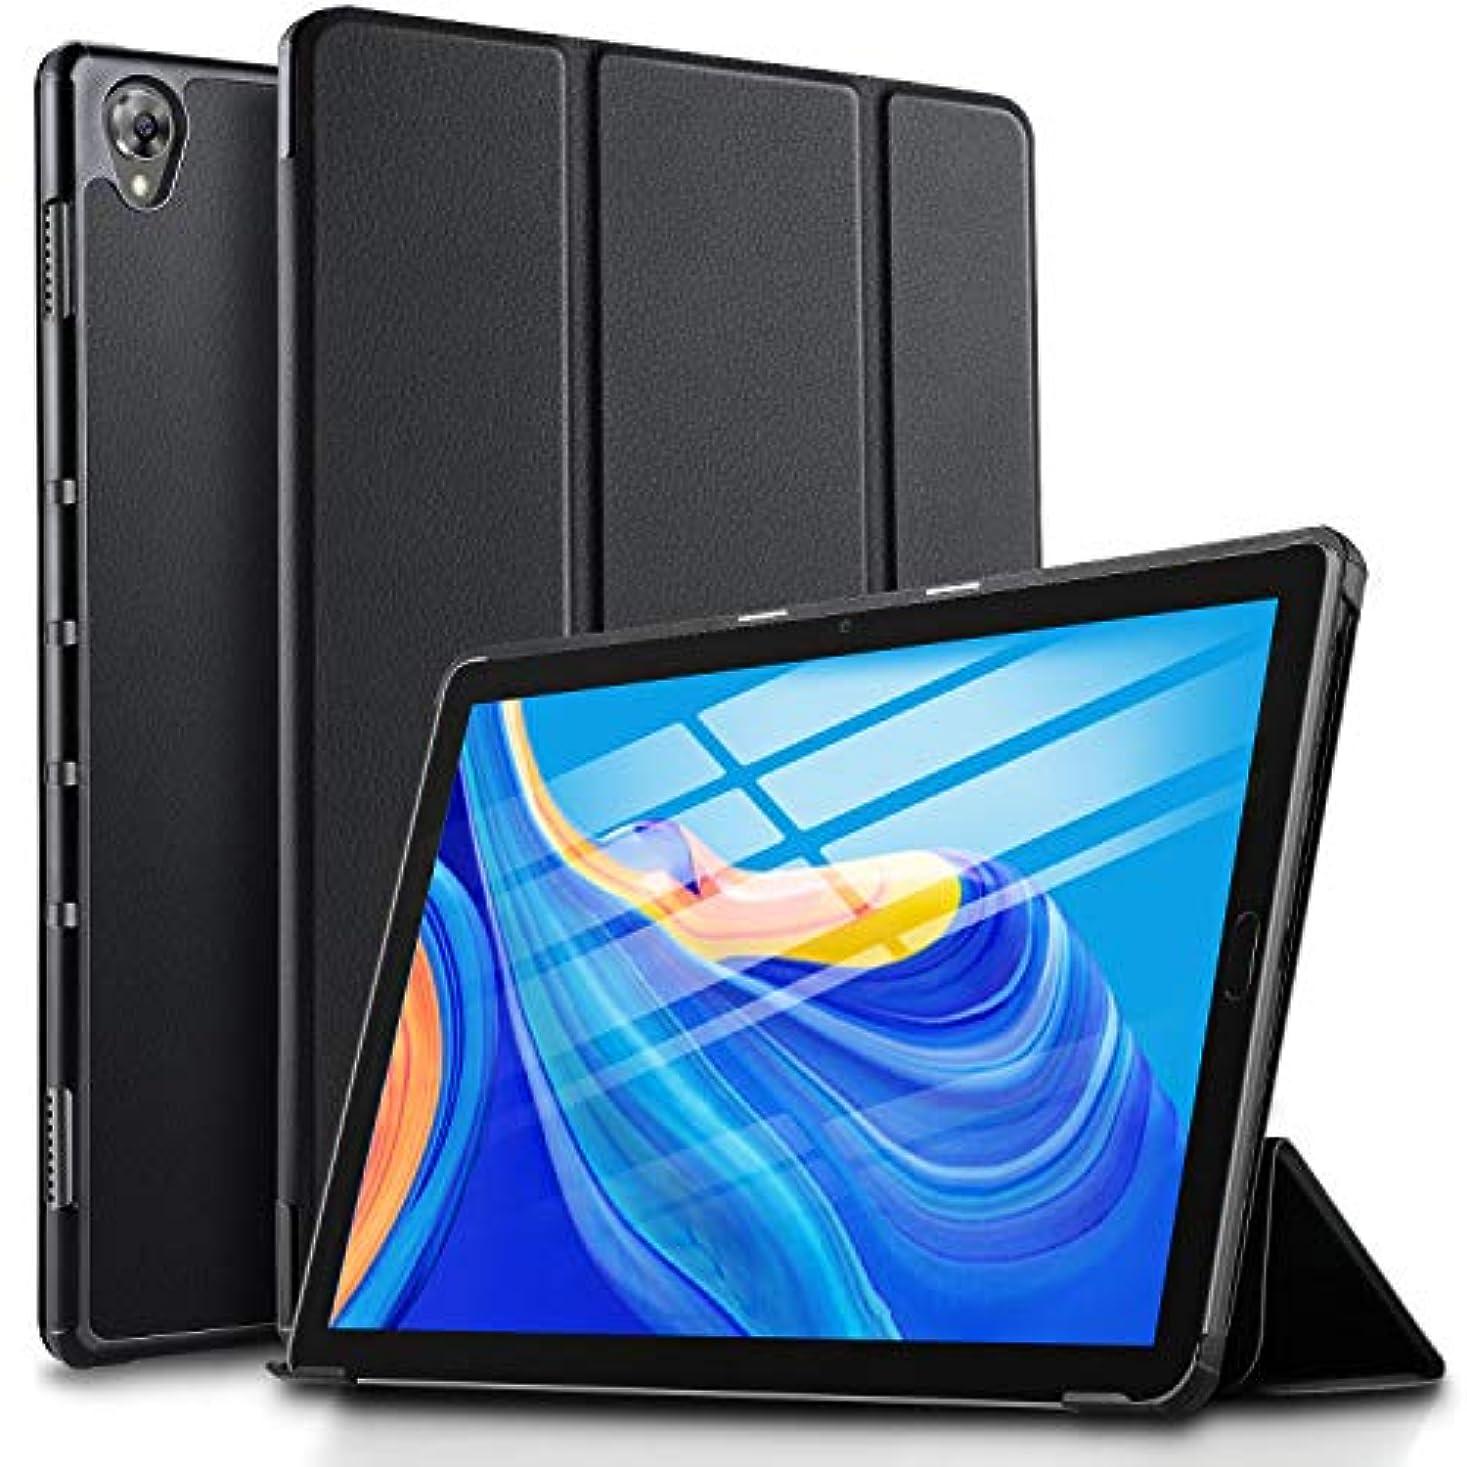 動的納税者ふつうELTD MediaPad M6 ケース huawei MediaPad M6 10.8 カバー スタンド オートスリープ機能付き 極薄 超軽量 傷つけ防止 耐久性 ブラック